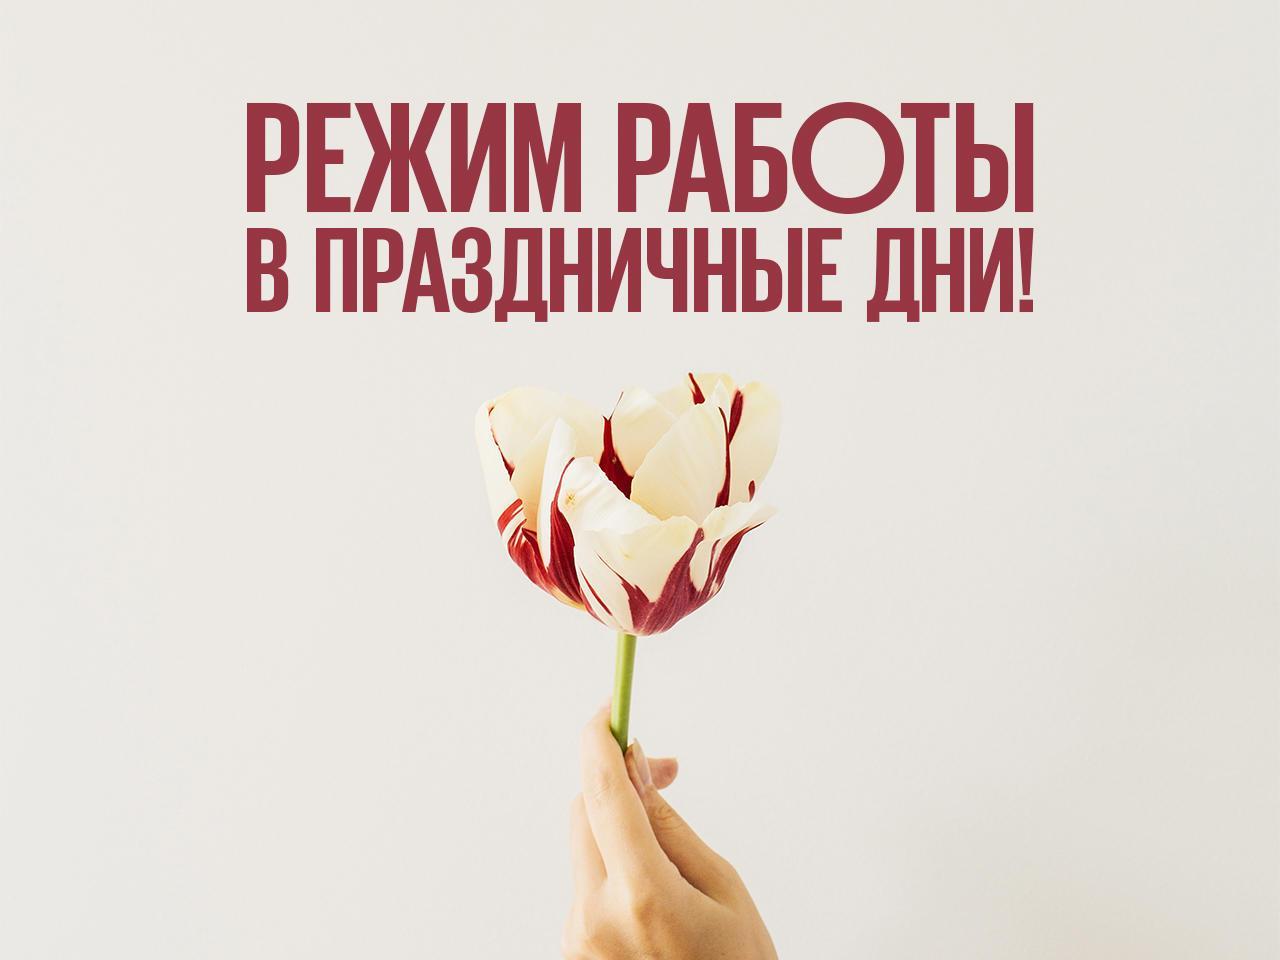 Режим работы ресторанов Ч1 Васильчуки в праздничные дни!